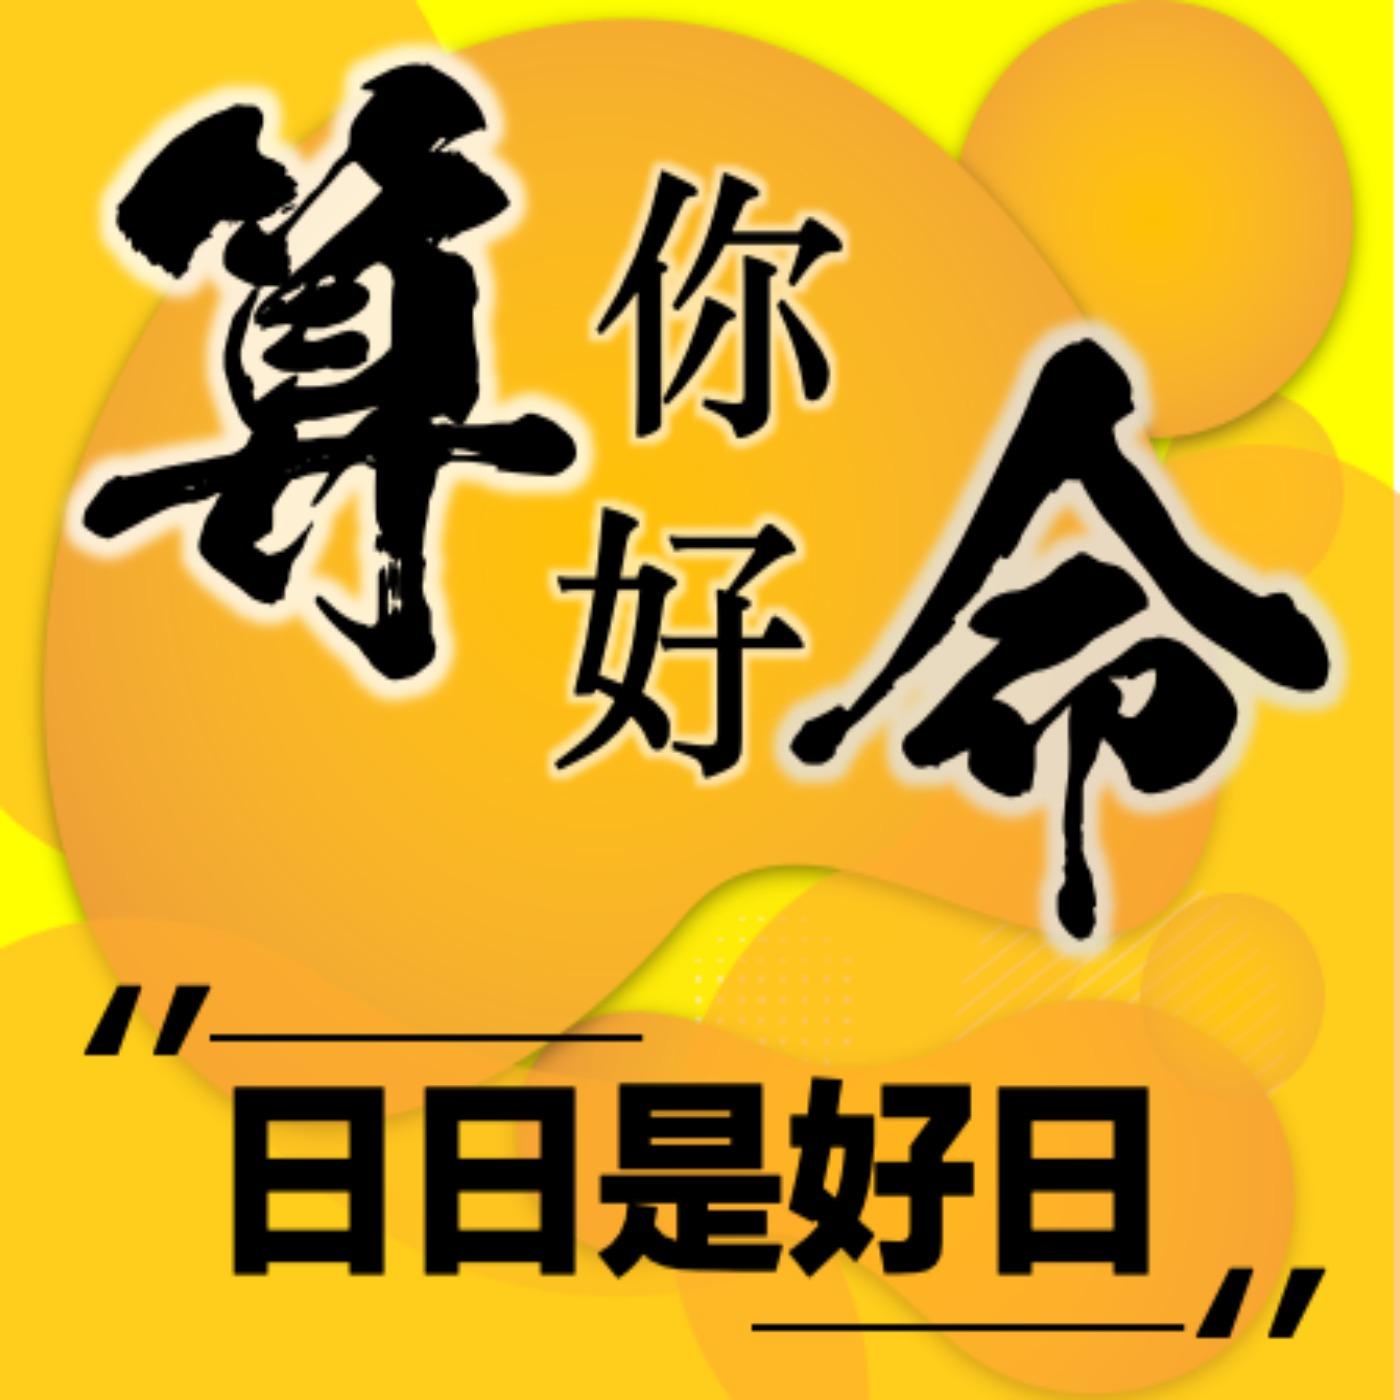 15-日日是好日 本週有3個加倍提升人緣好運的日子,需要建立廣大人際關係的人,或想兩人世界感情加溫的朋友,要好好掌握天時把握時機!